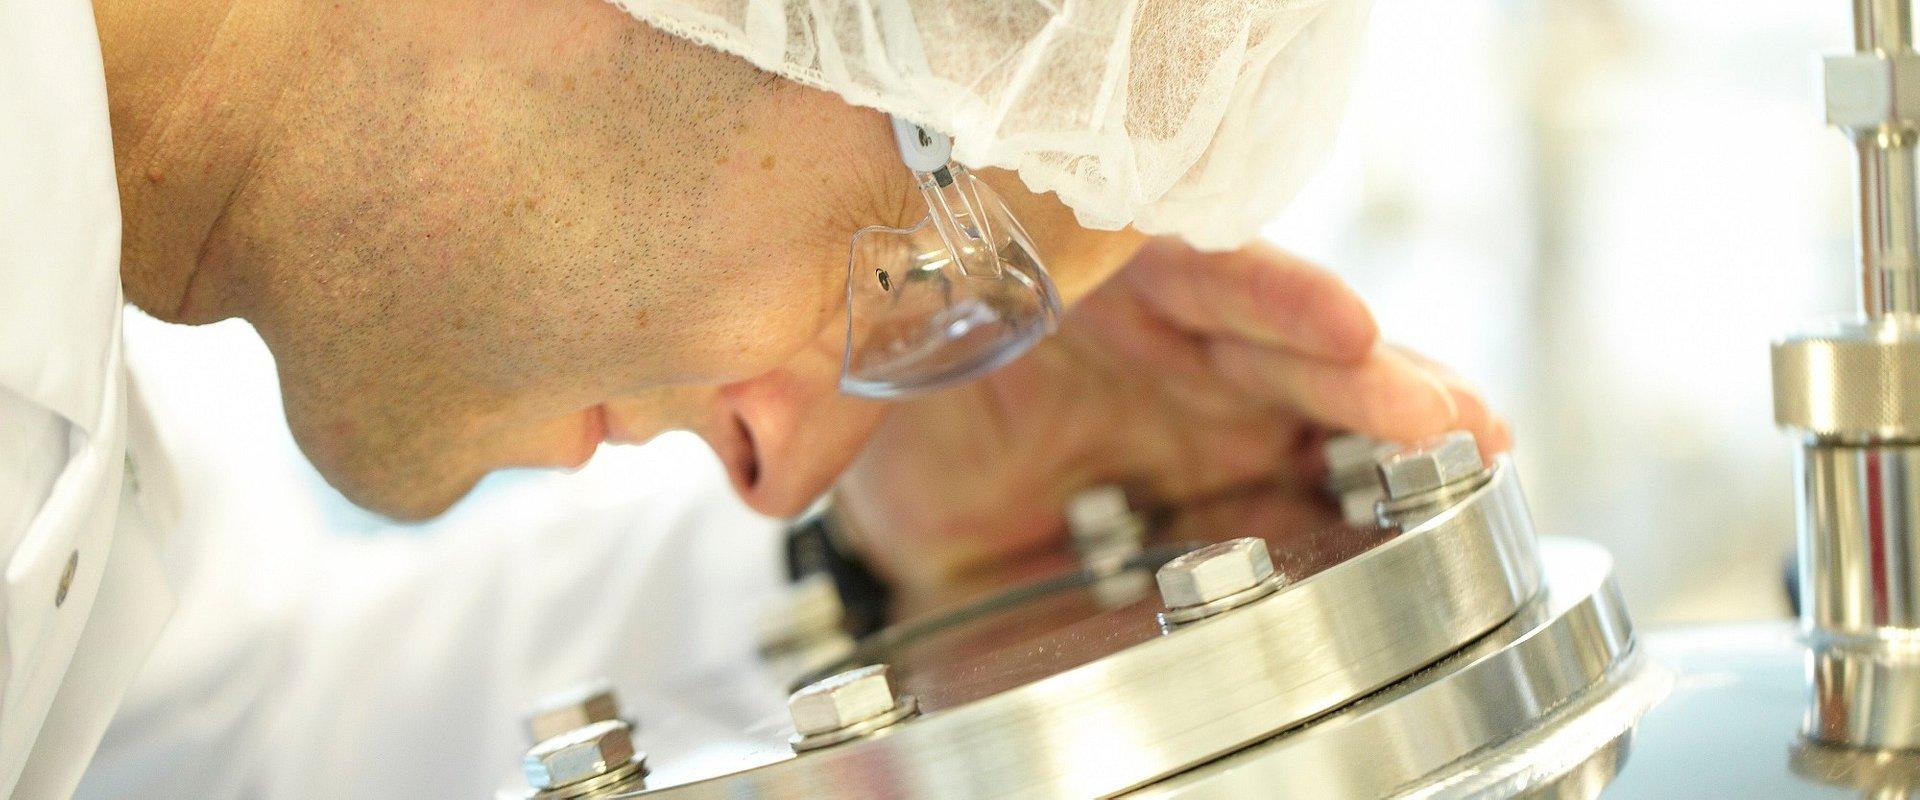 Komisja Europejska zatwierdziła emicizumab do stosowania u chorych na hemofilię typu A bez inhibitorów czynnika VIII